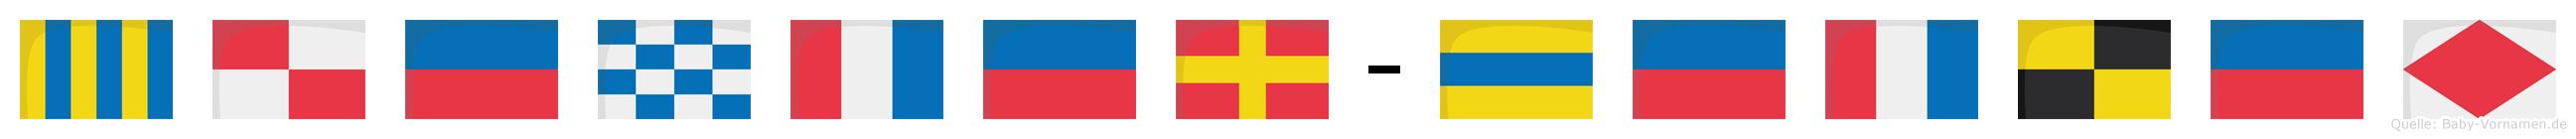 Günter-Detlef im Flaggenalphabet